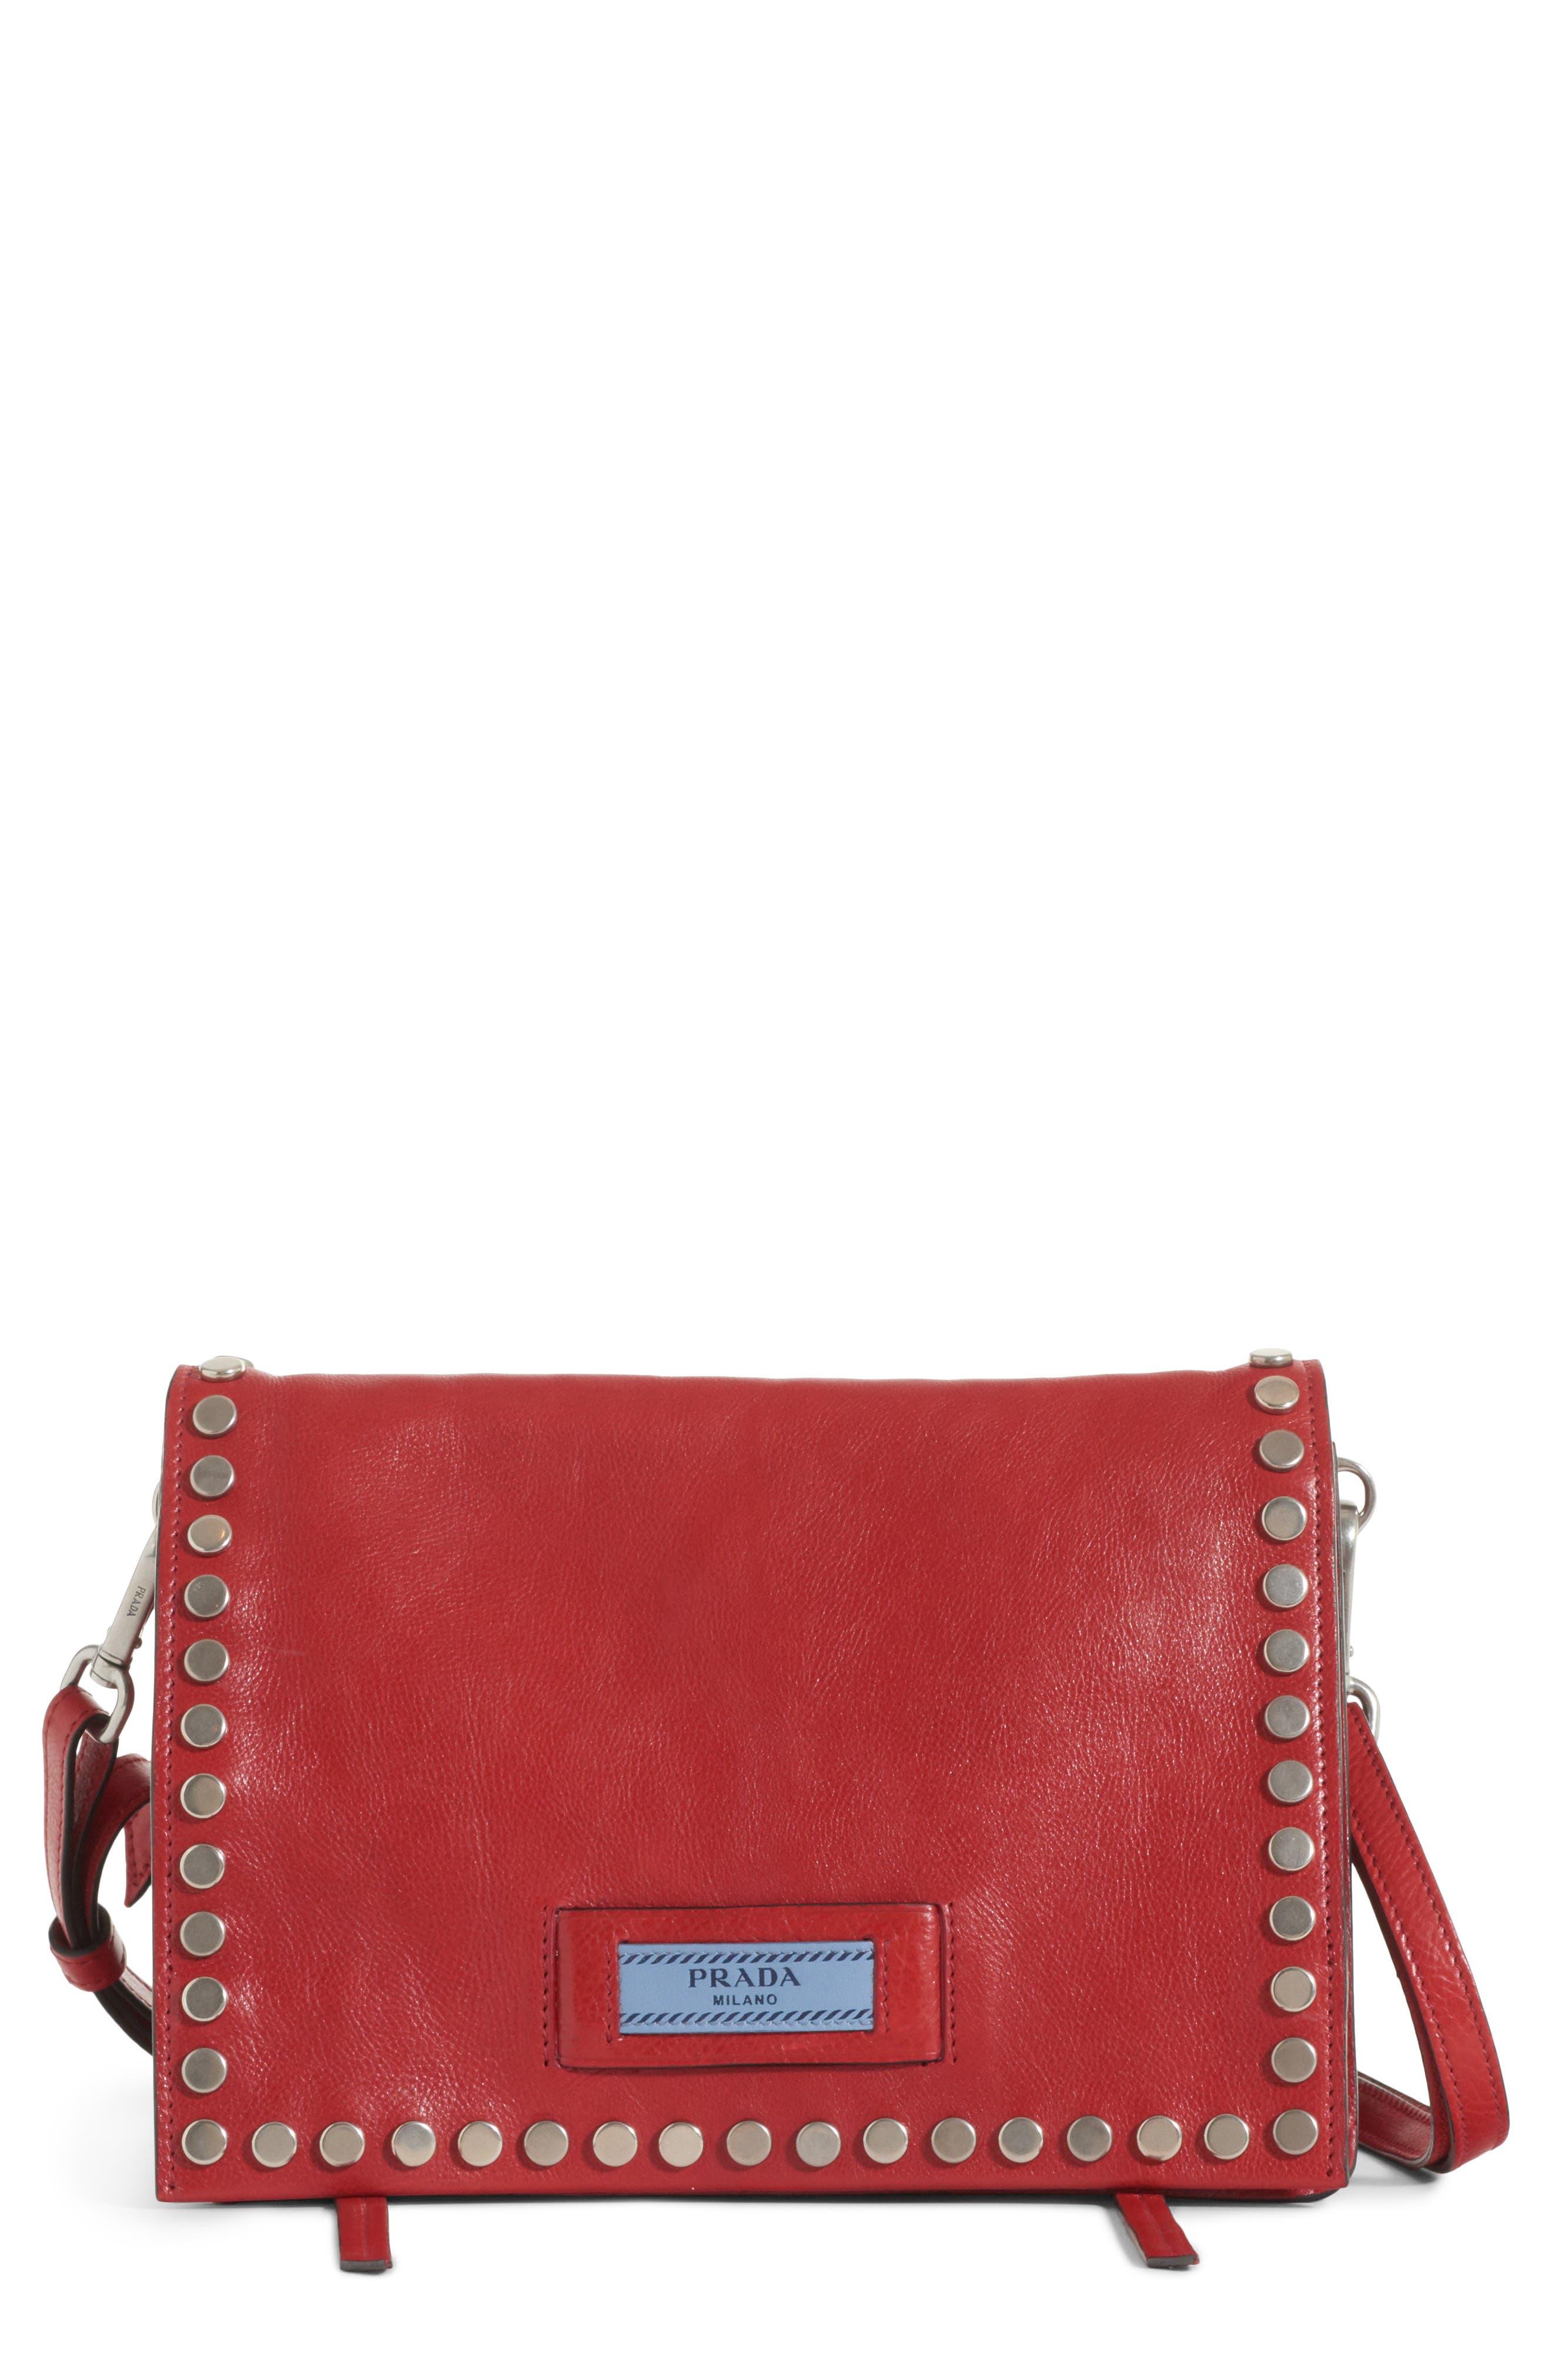 Prada Crossbody Bags  b096fffc31c84